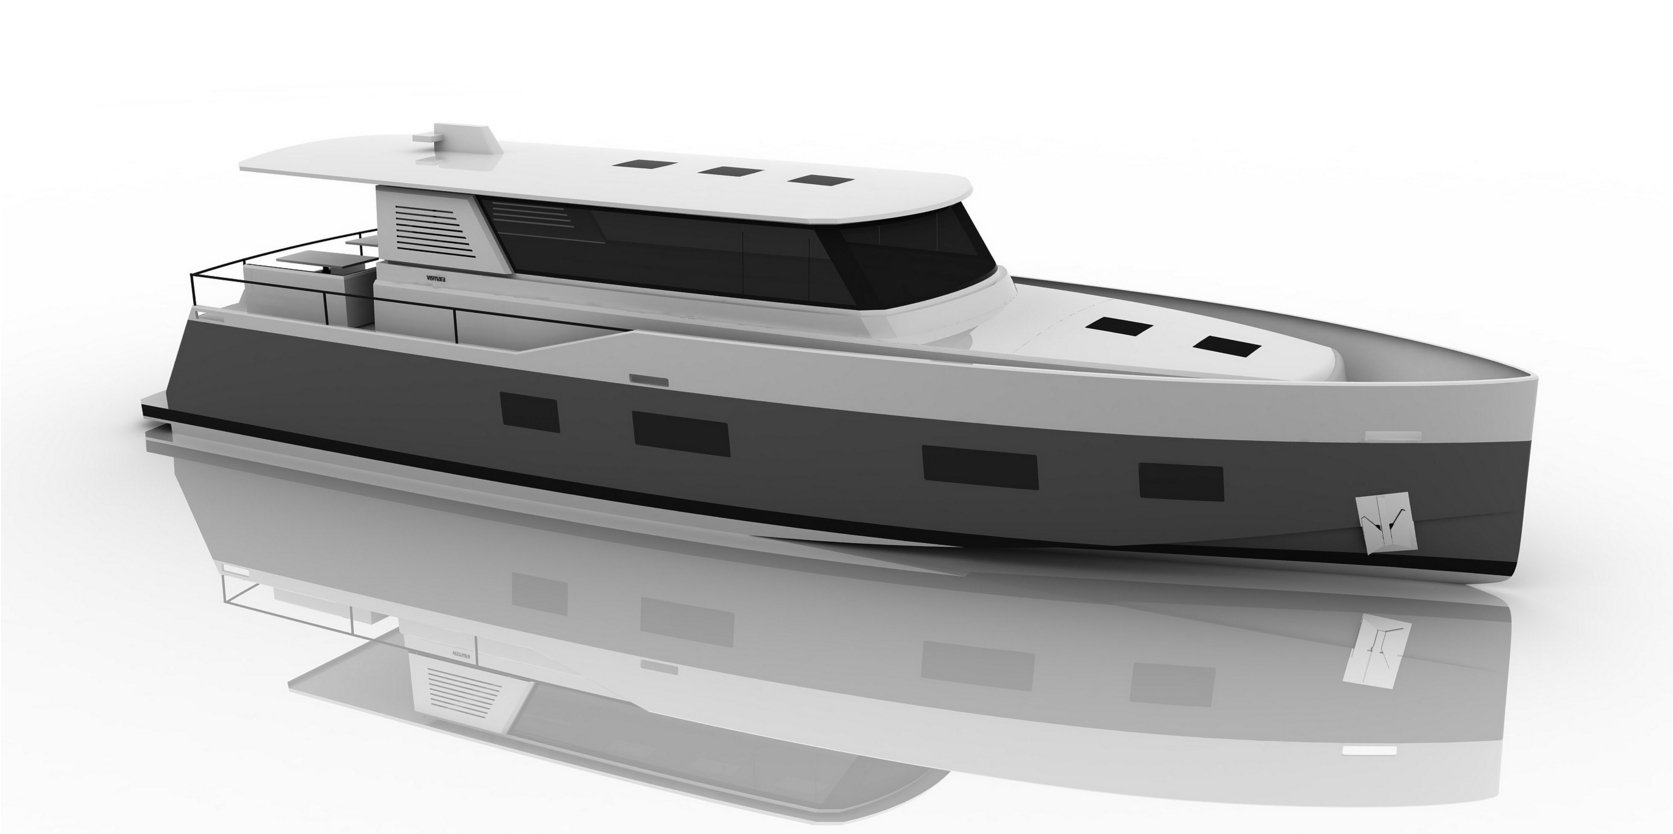 Vismara MY54 starboard side rendering